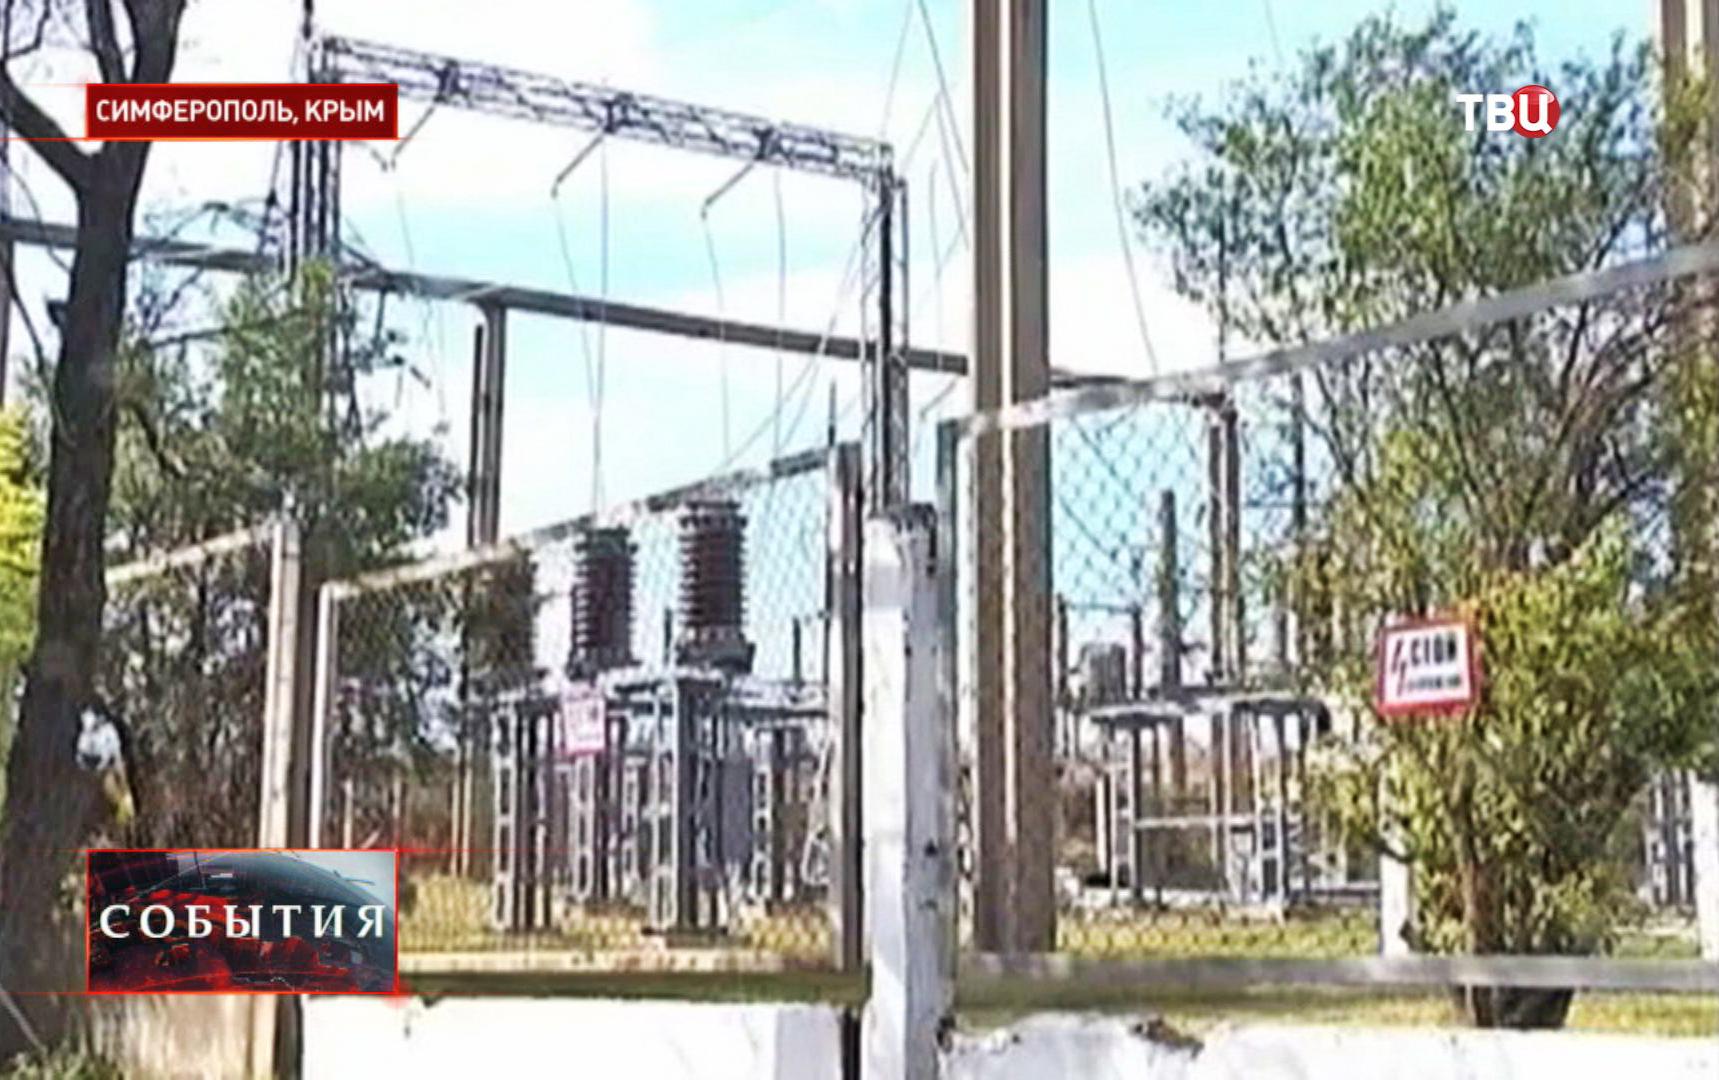 Электростанция в Симферополе